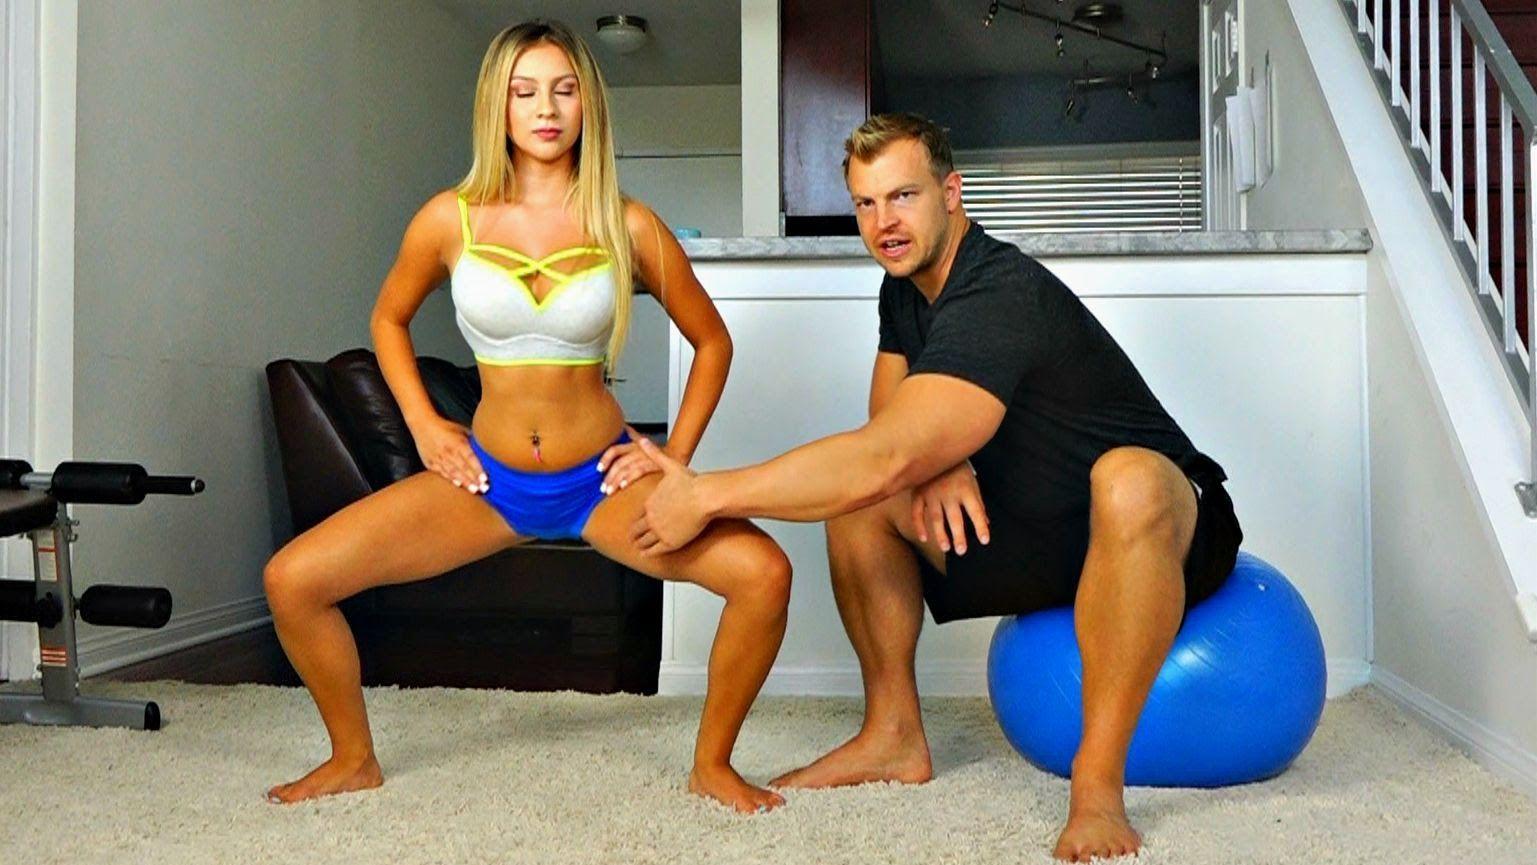 Ejercicios para la parte interna de tus muslos. Video que te enseña hacer ejercicios para la cara interna de tus muslos, para tonificarlos y fortificarlos.